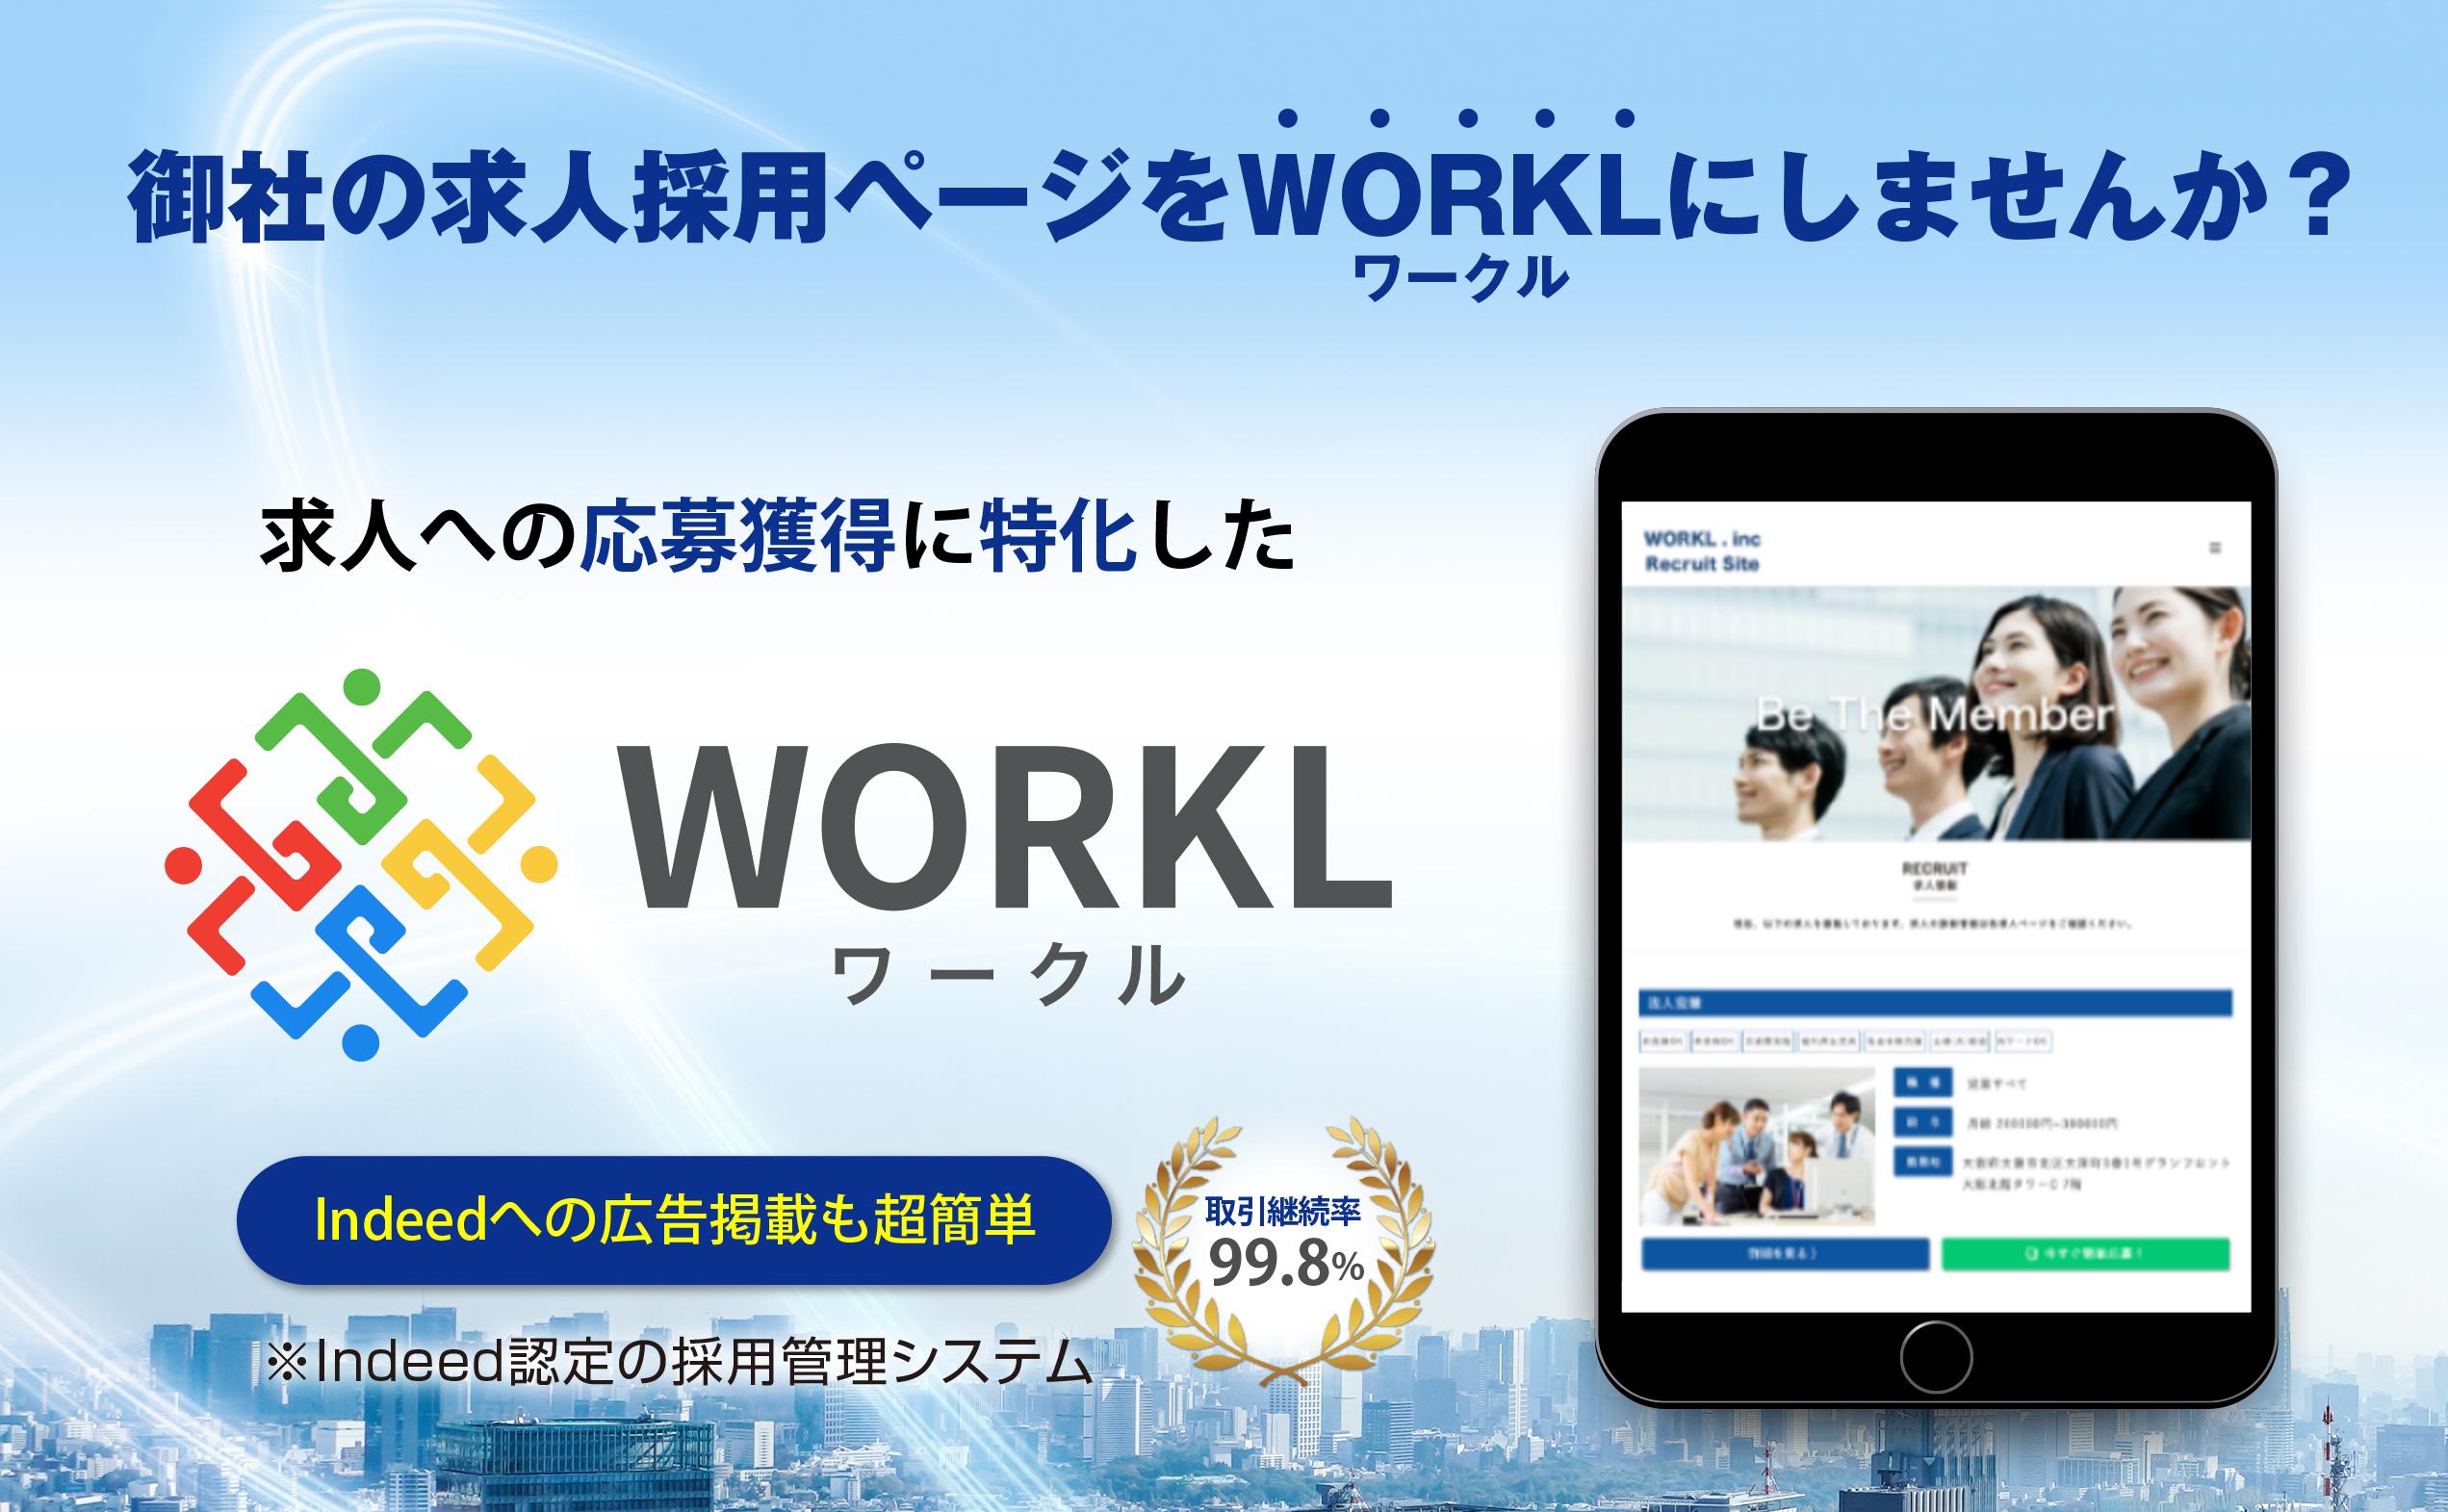 Workl_top1